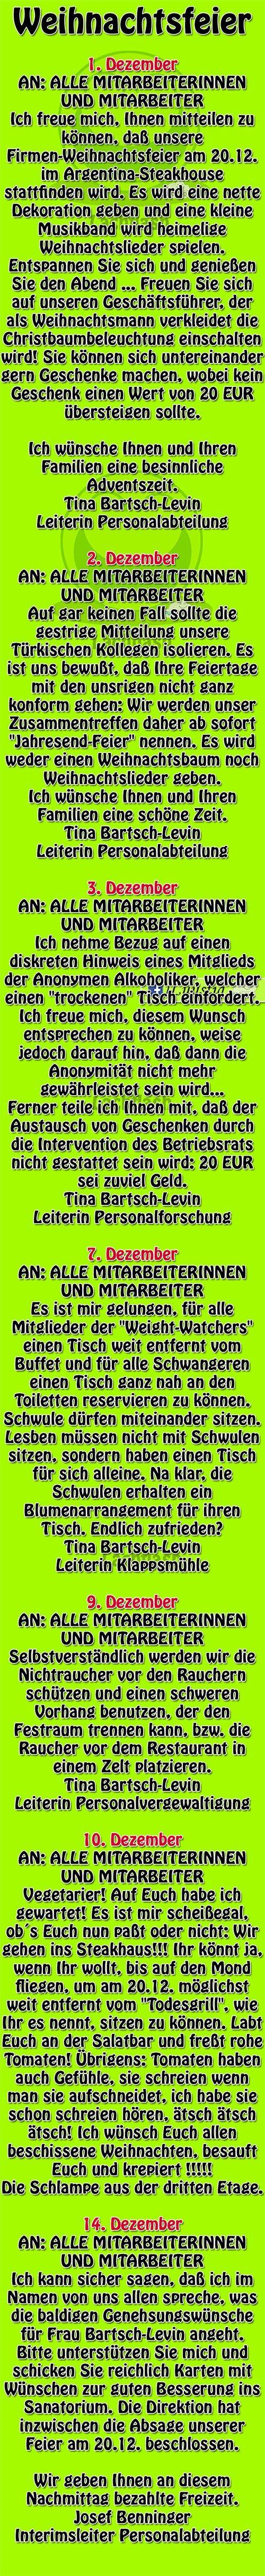 #weihnachtsfeier